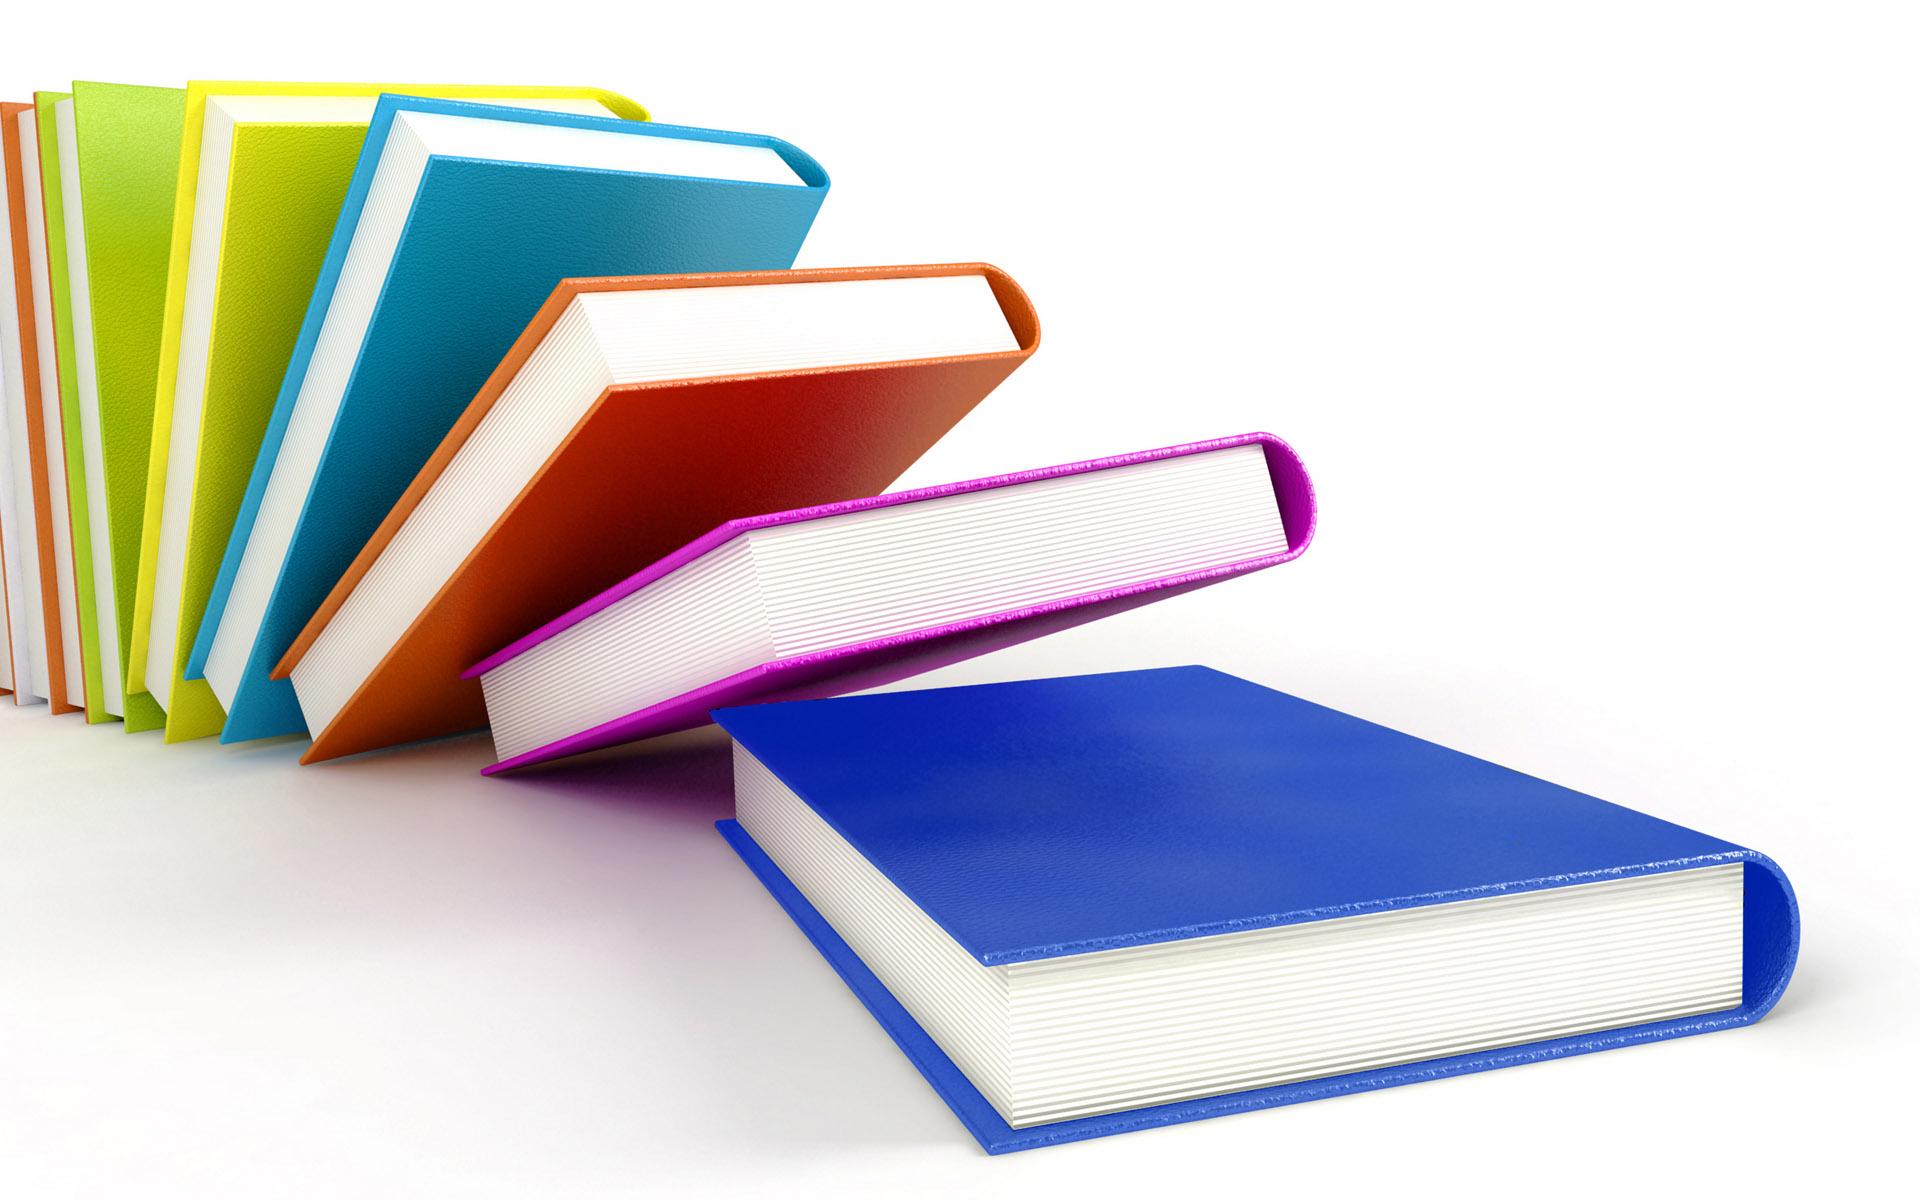 booksspeced